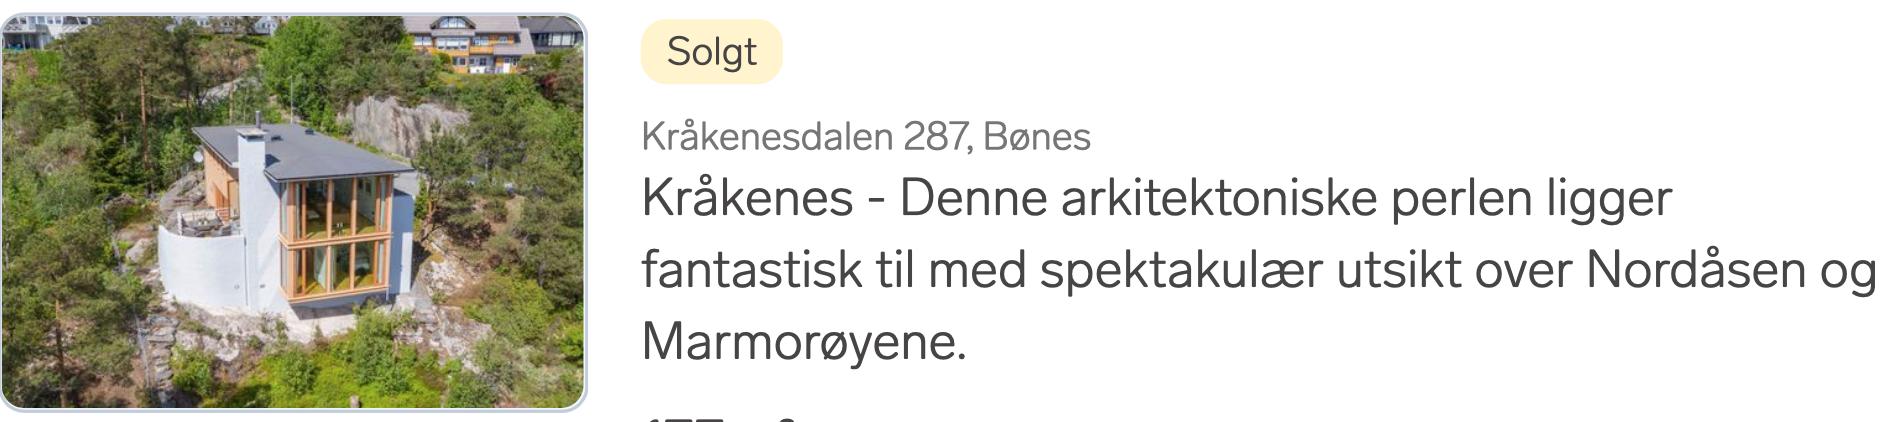 Skjermbilde 2019-06-21 kl. 22.27.58.png